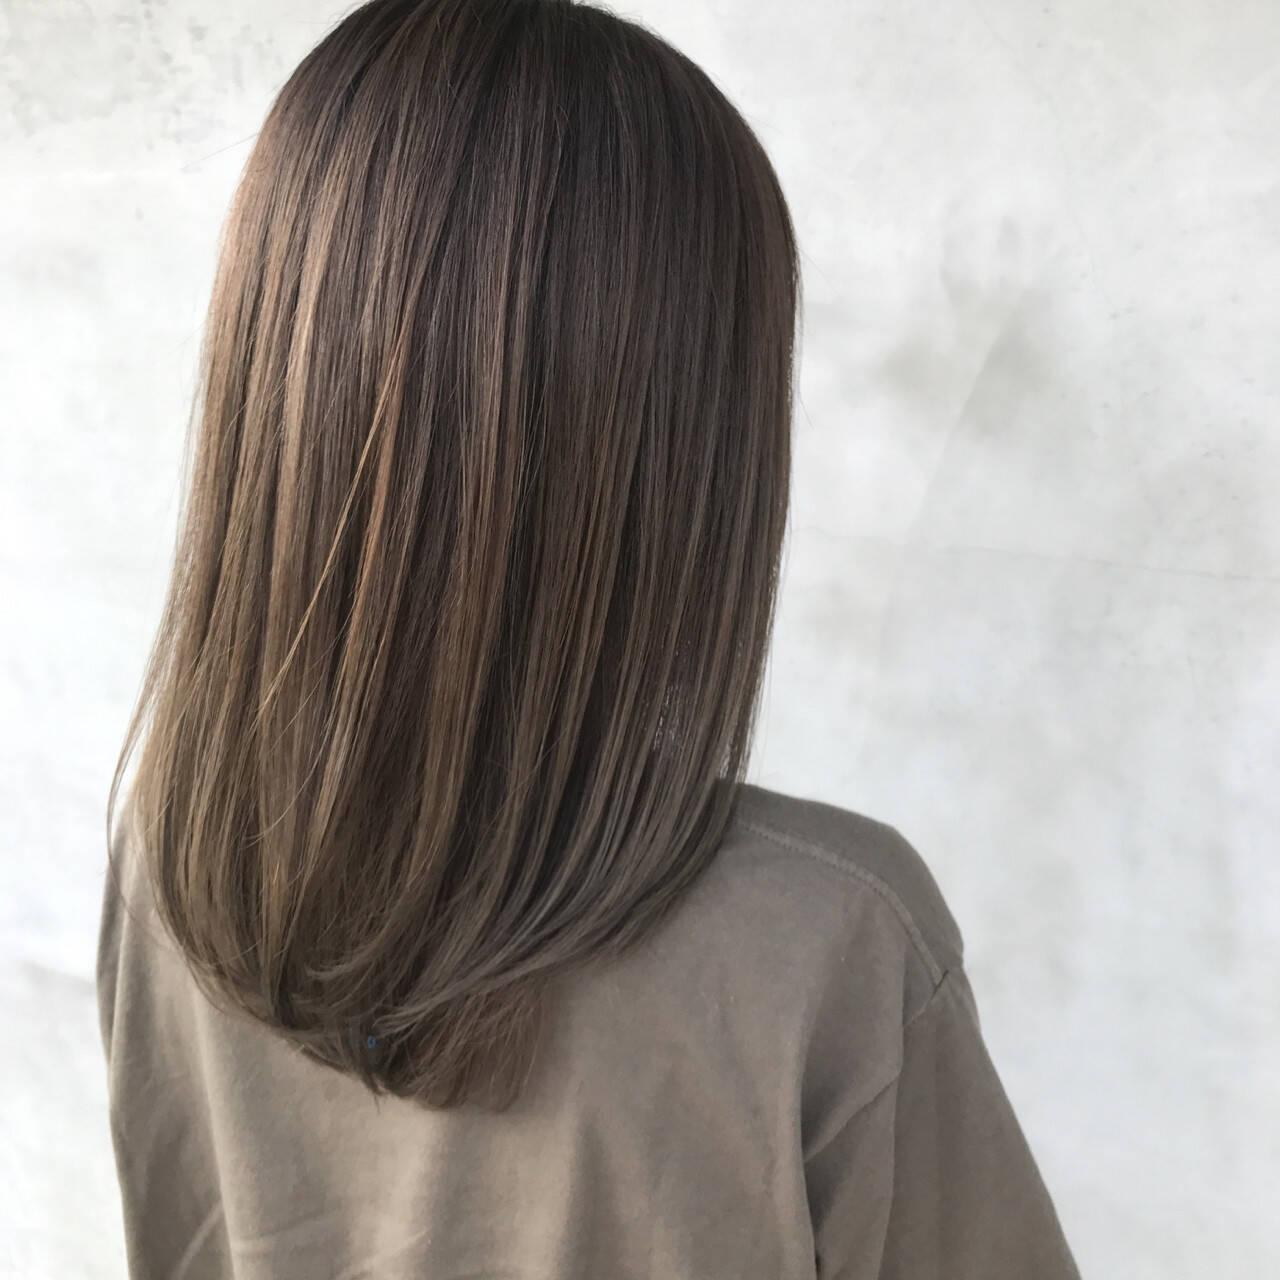 冬 デート ナチュラル グレージュヘアスタイルや髪型の写真・画像